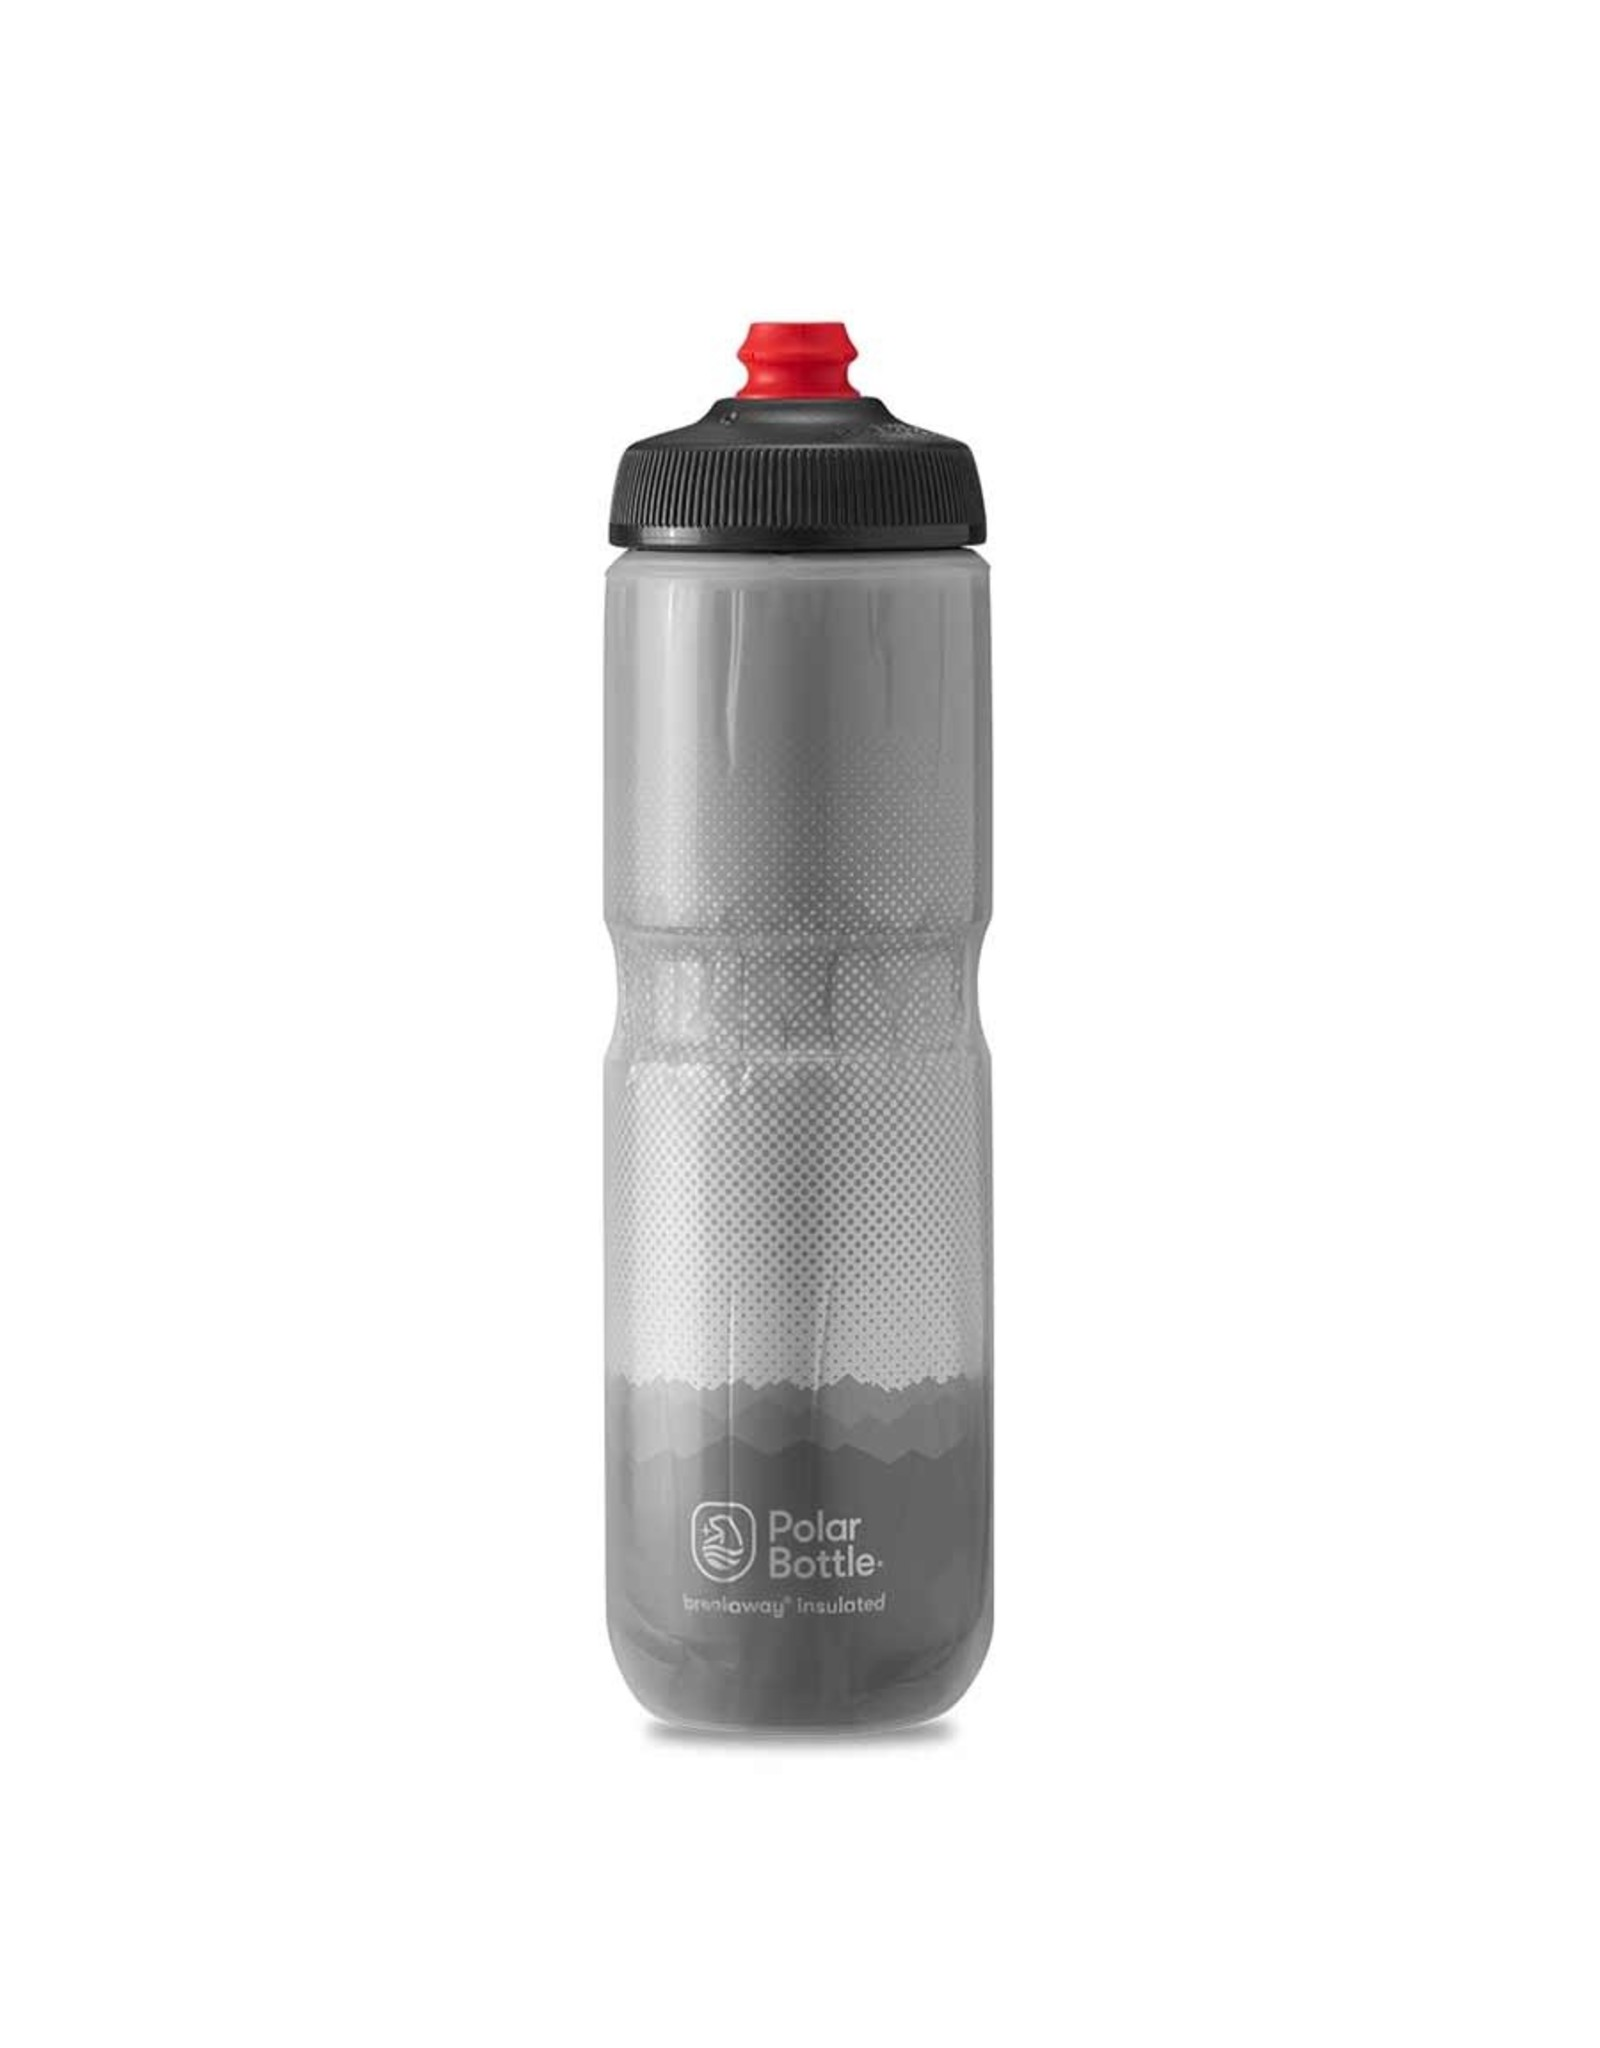 Polar Bottle Gourde Isolée  710ml / 24oz, Anthracite/Argent